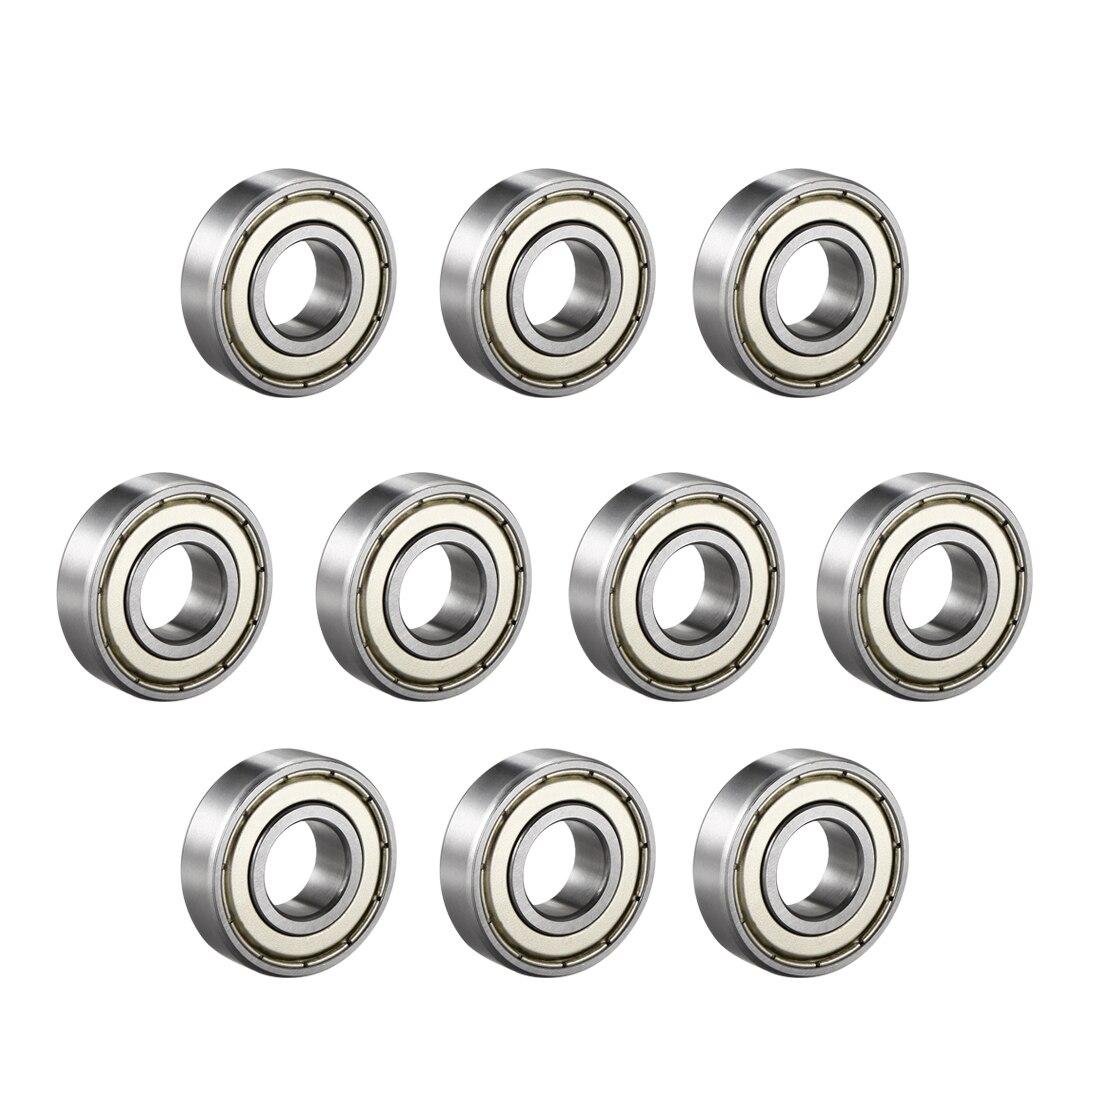 Rodamiento rígido de bolas uxcell 6002ZZ, doble protector, 15mm x 32mm x 9mm, rodamientos de acero cromado, 10 Uds